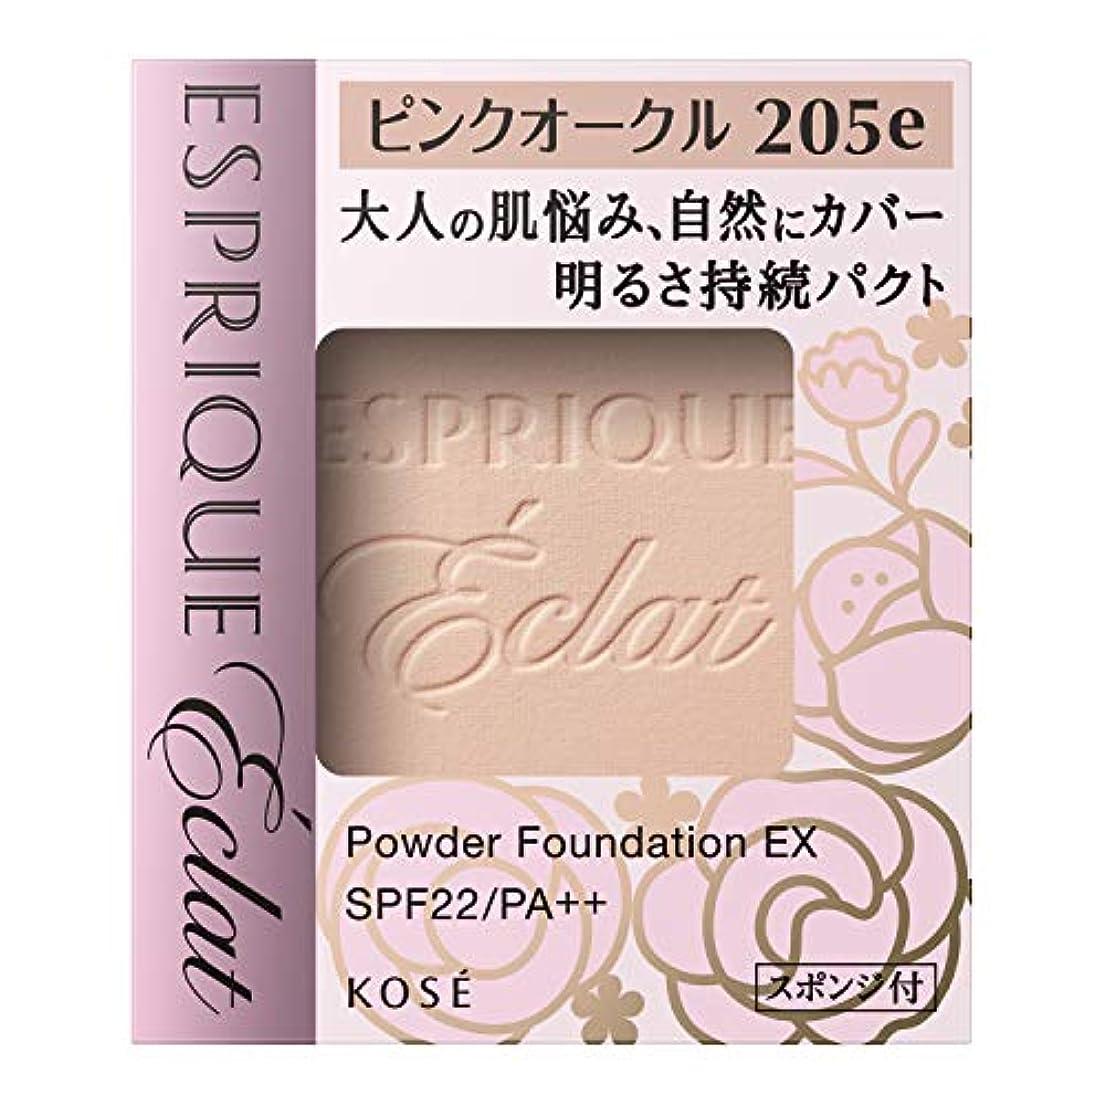 消化寛大さいじめっ子エスプリーク エクラ 明るさ持続 パクト EX PO205e ピンクオークル 9.3g